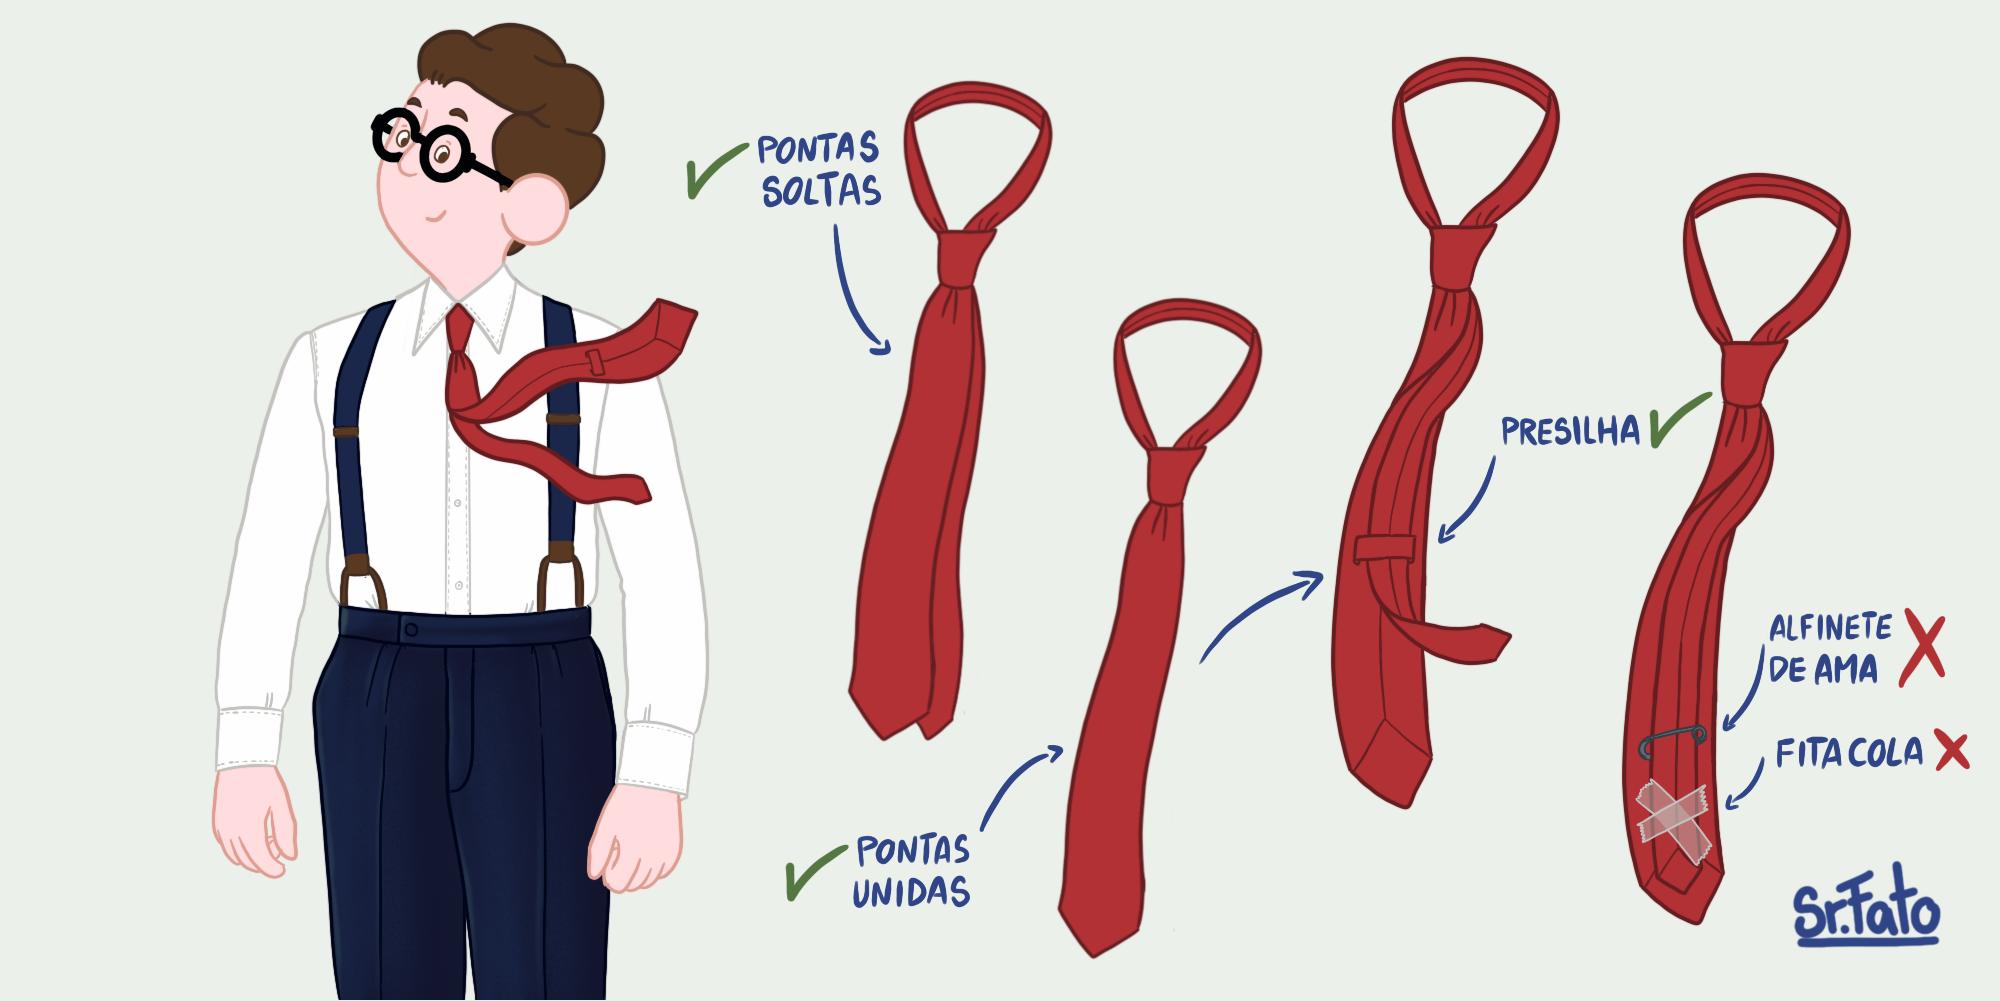 Como usar gravata no tamanho certo?